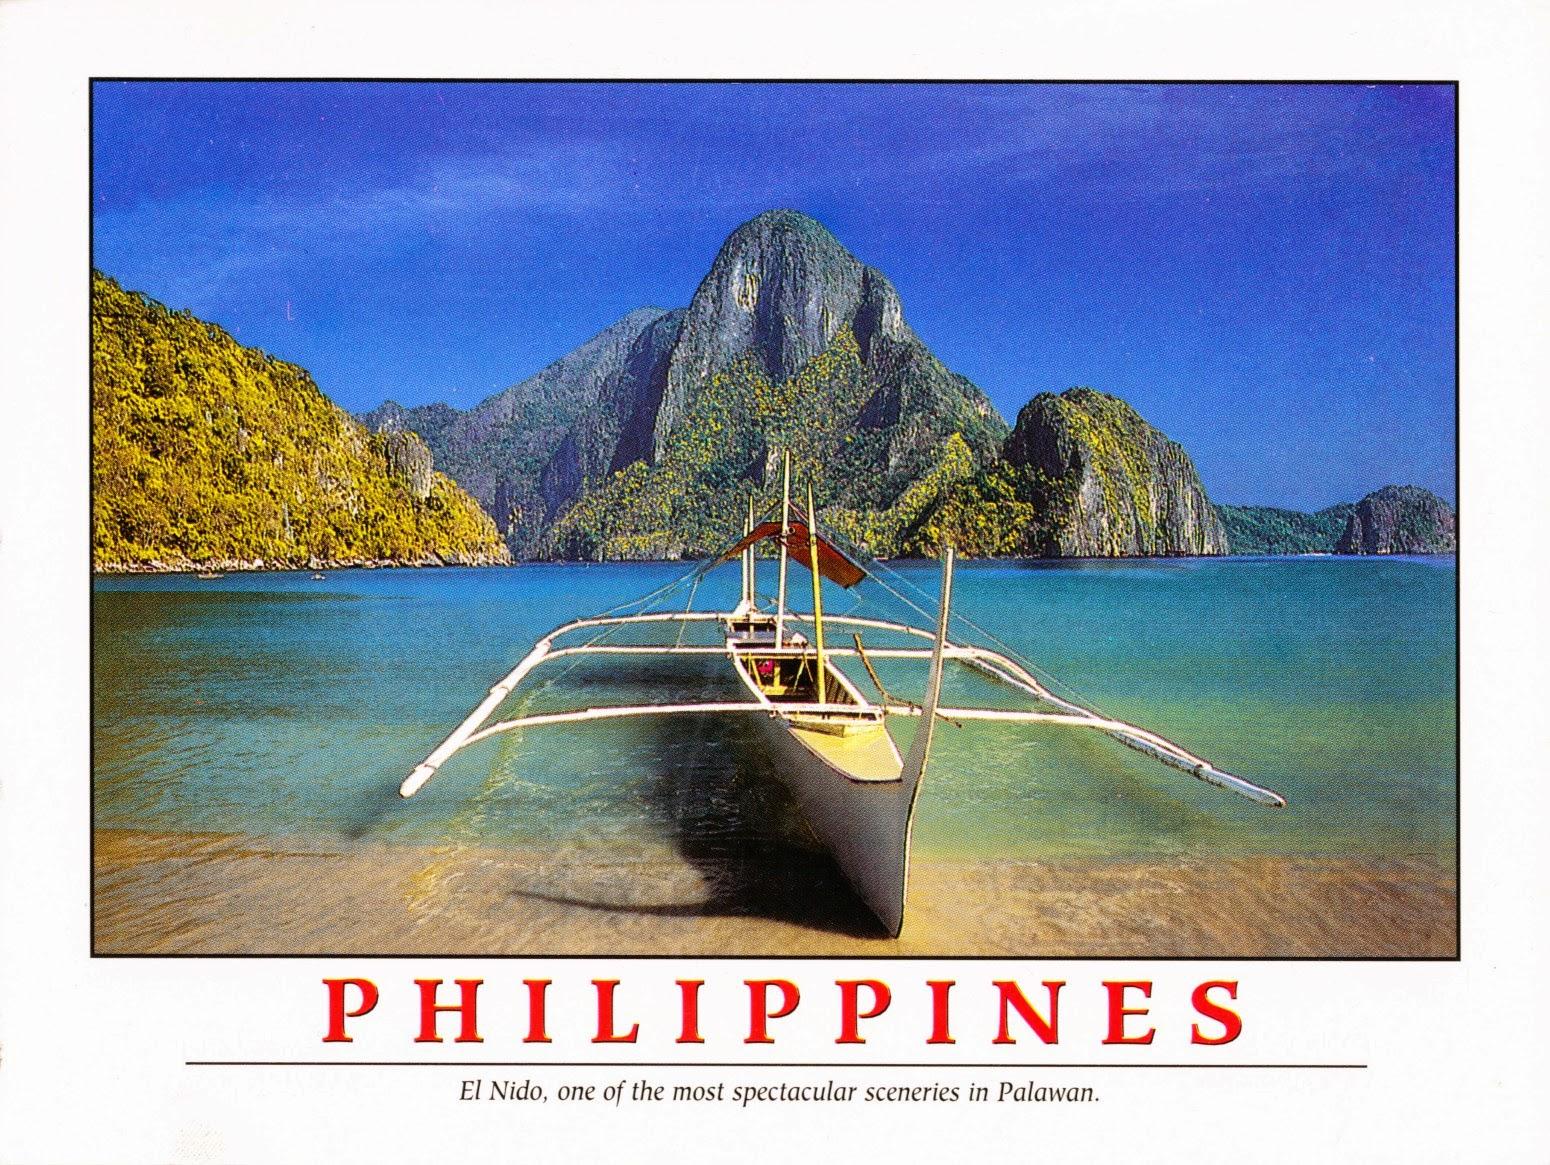 philippines, postcard, el nido, palawan, bangka, outrigger canoe, beach